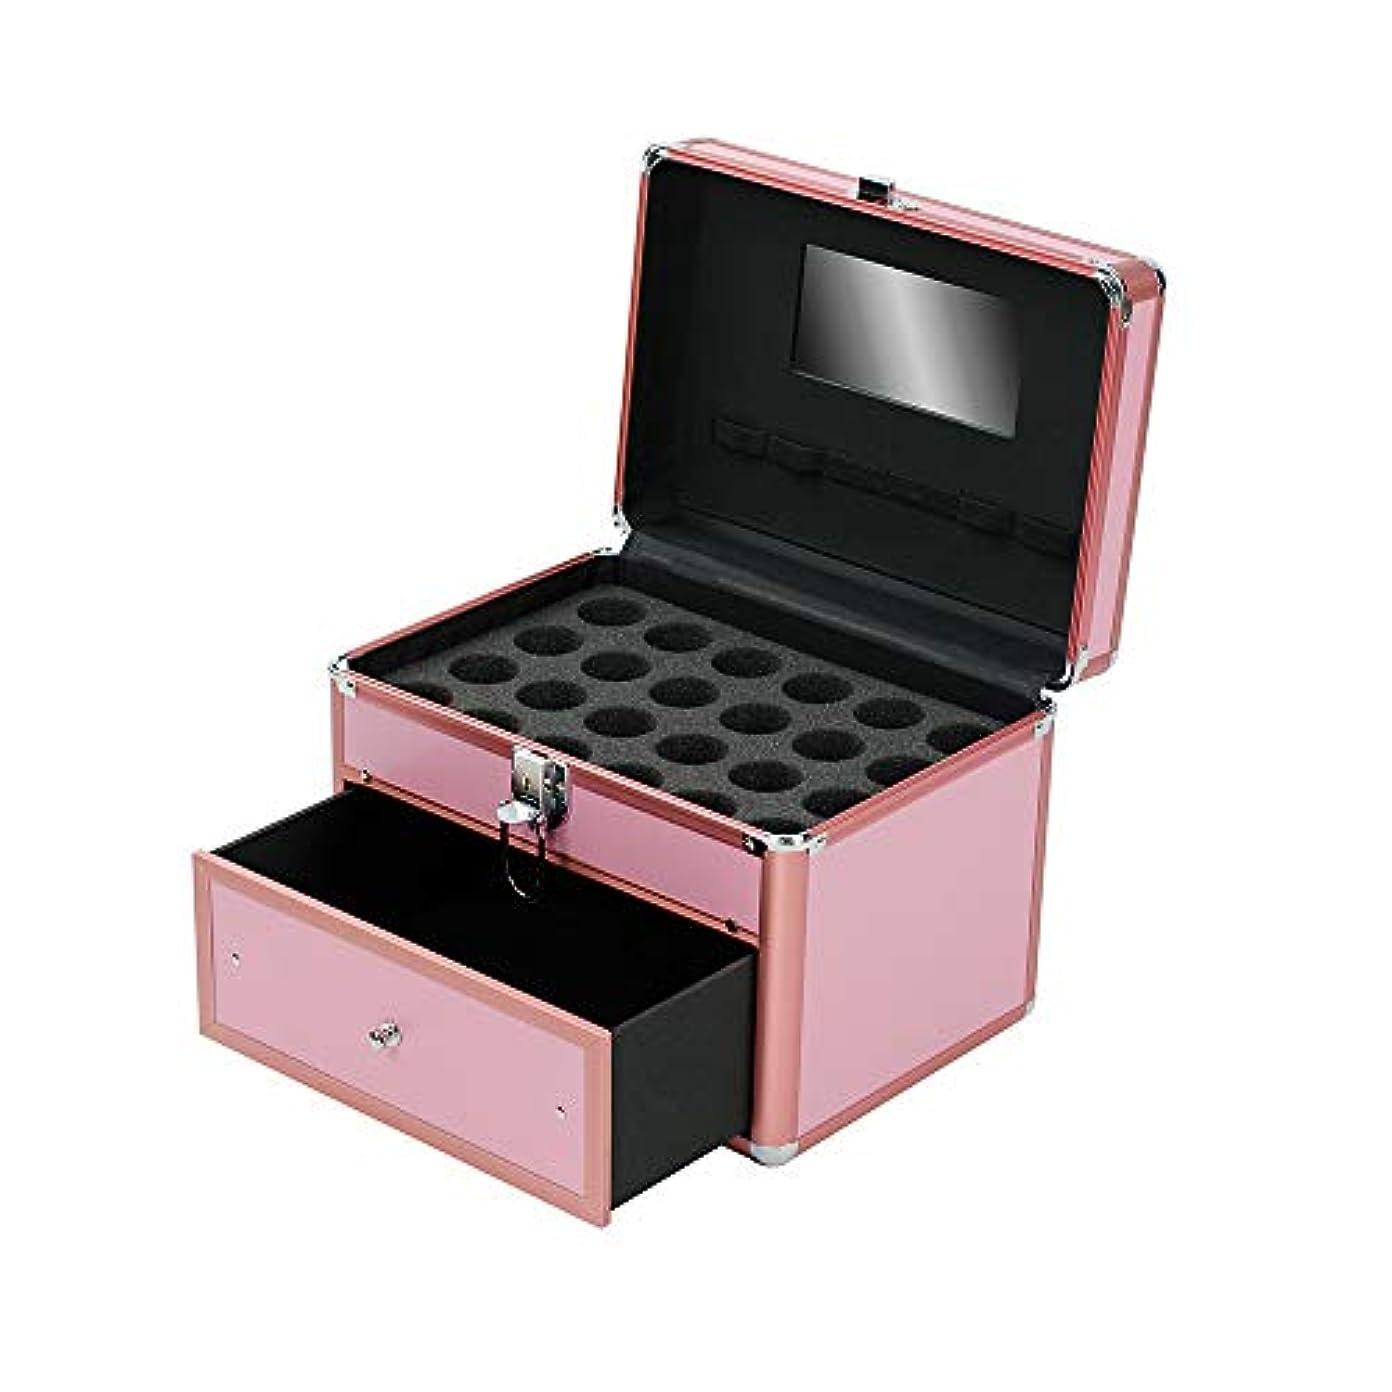 読書持っている倒産特大スペース収納ビューティーボックス 女の子の女性旅行のための新しく、実用的な携帯用化粧箱およびロックおよび皿が付いている毎日の貯蔵 化粧品化粧台